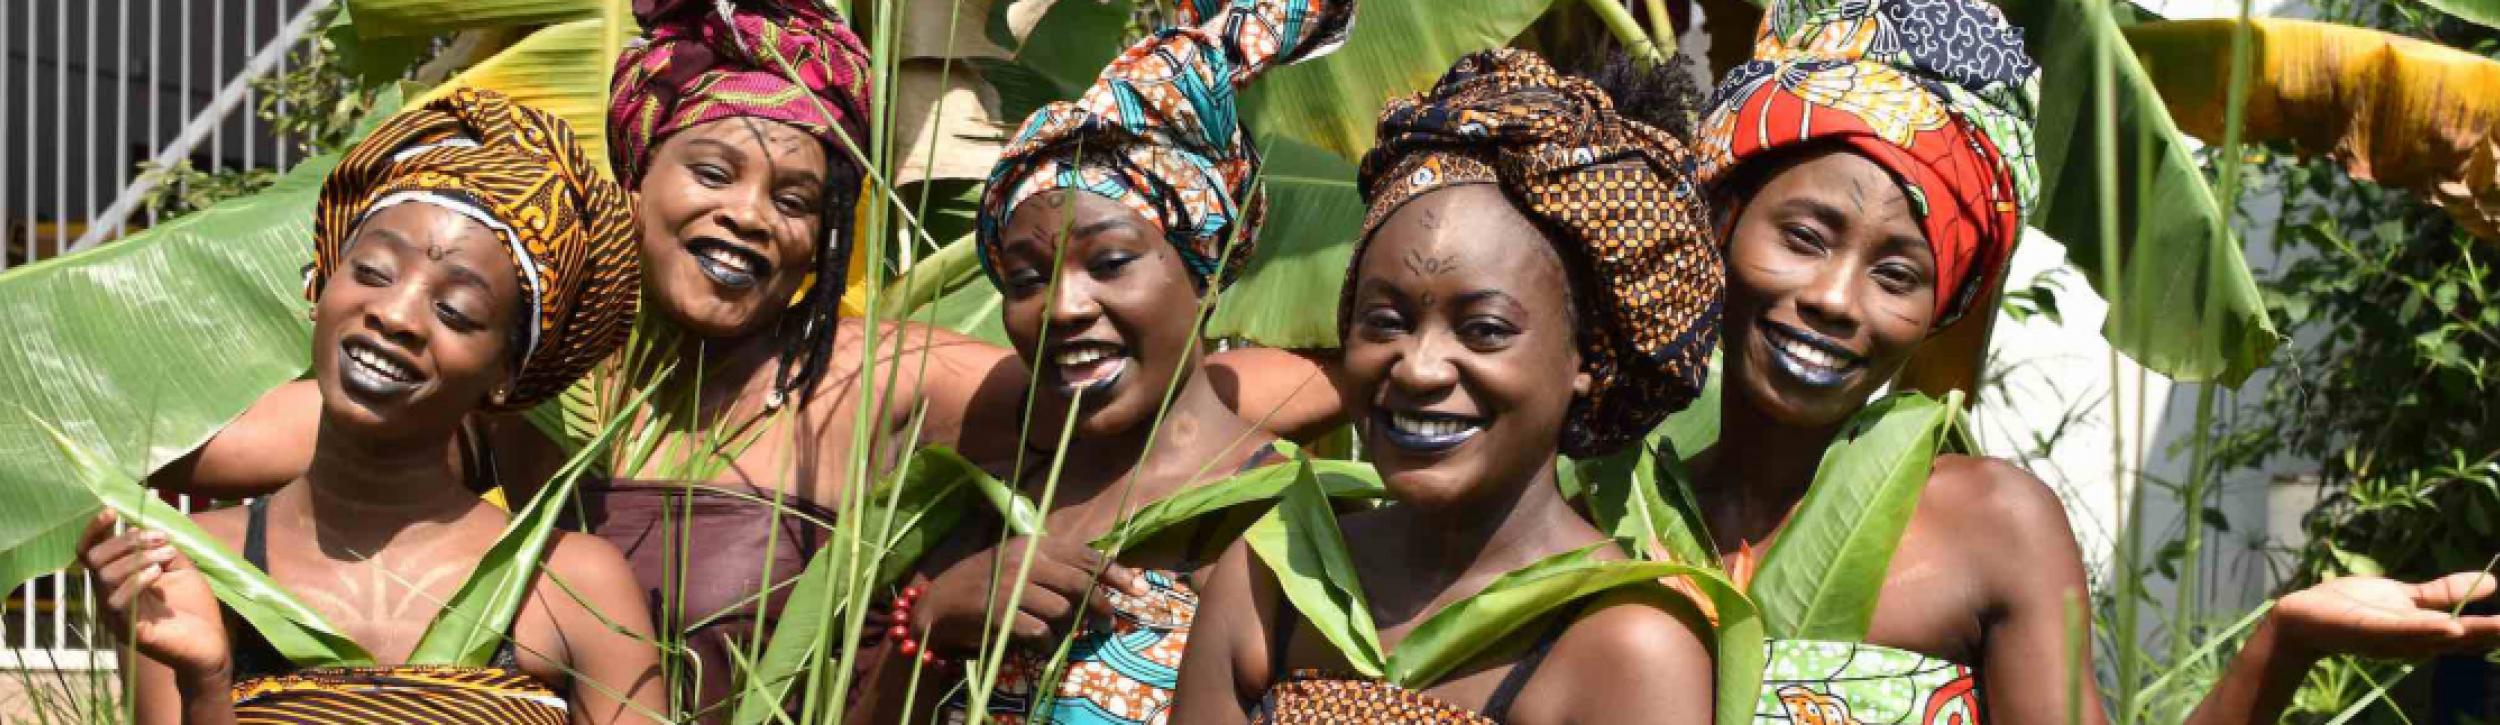 Les Mamans du Congo